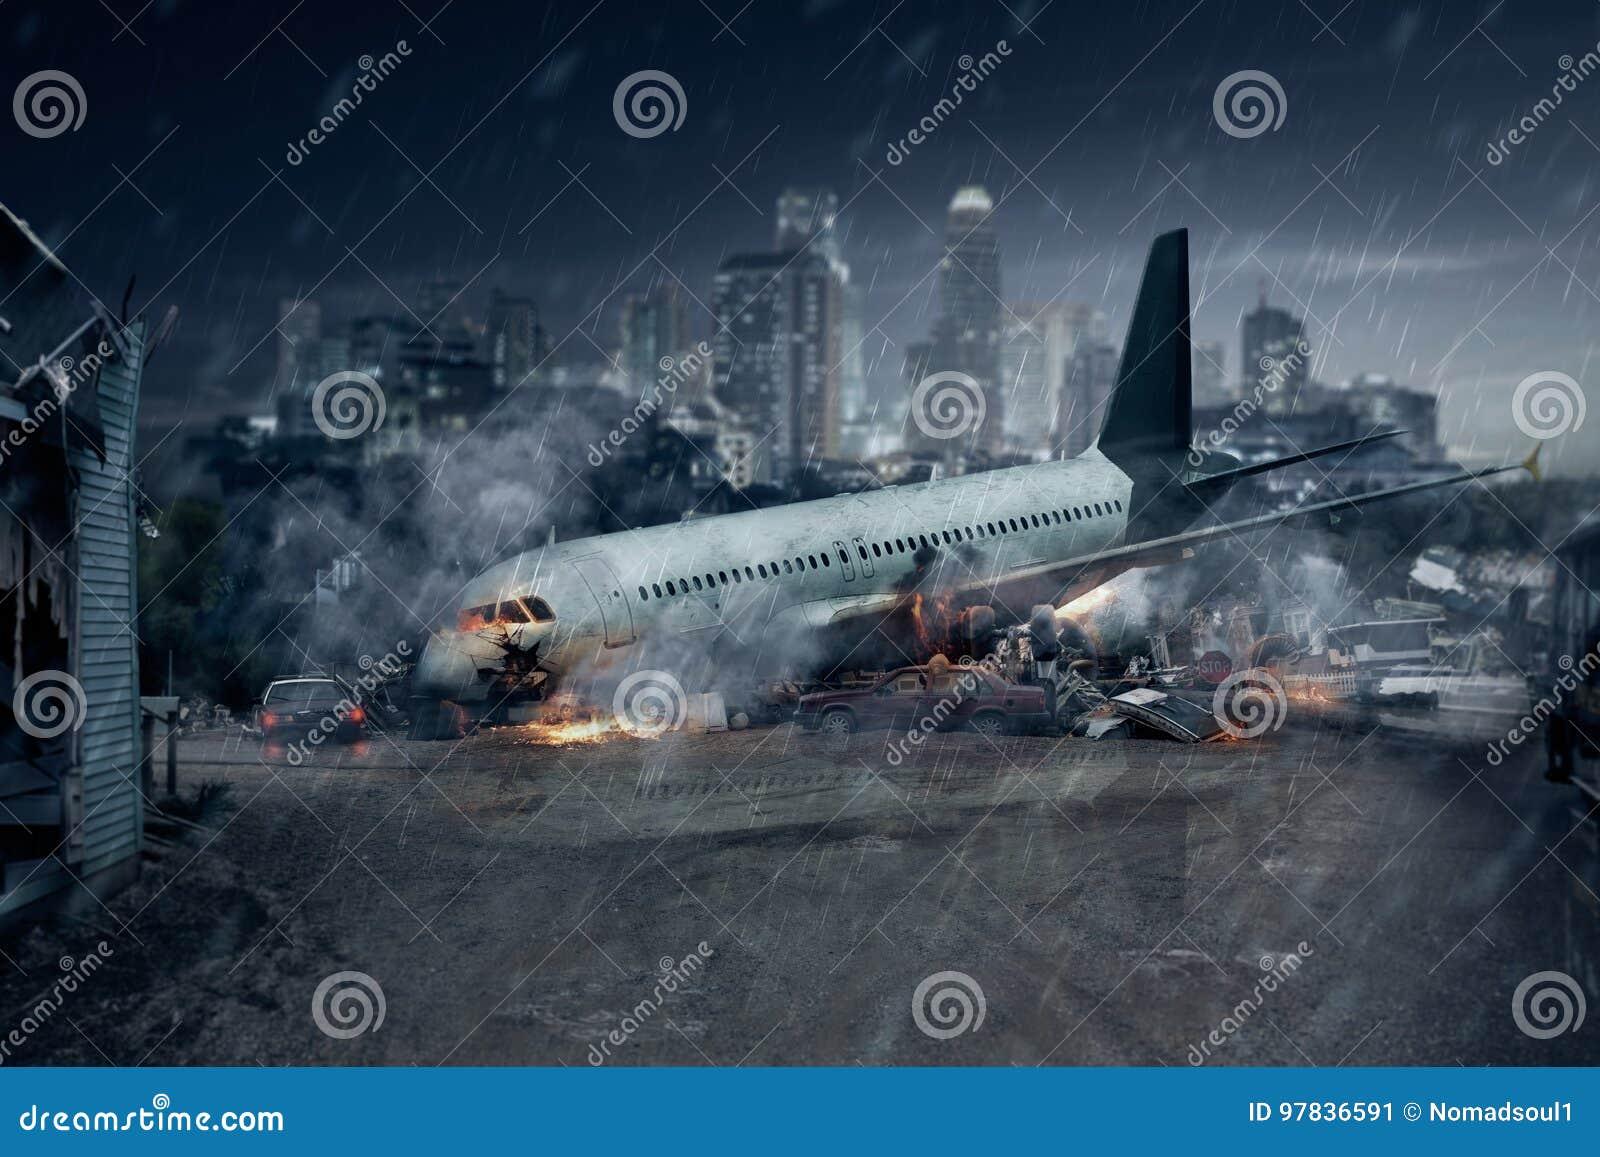 Katastrofa samolotu, rozbijający samolot, lotniczy wypadek